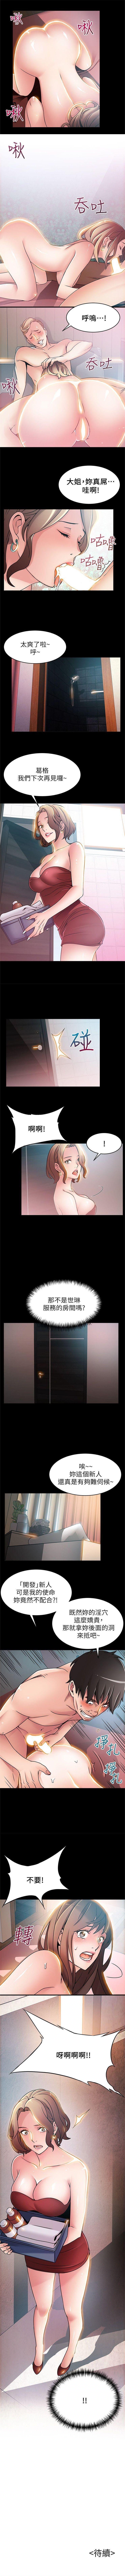 弱點 1-107 官方中文(連載中) 172